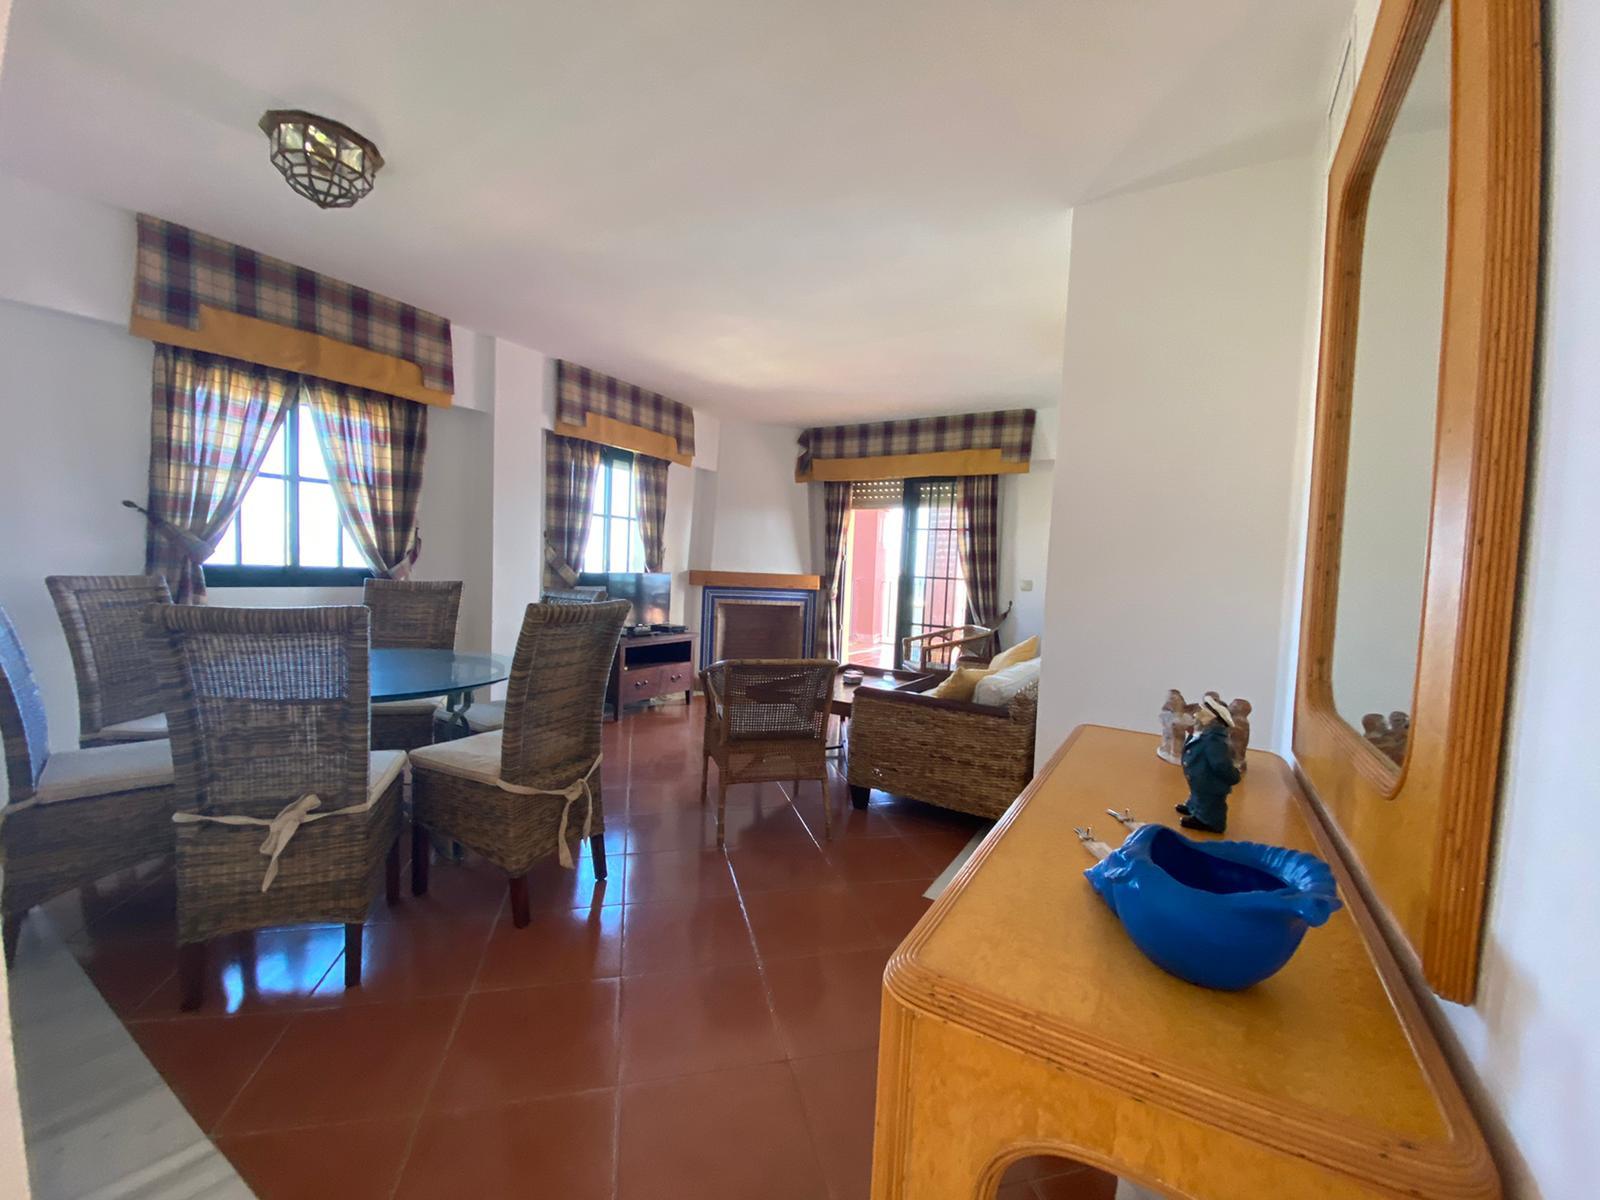 Imagen 12 del Vivienda Turística, Ático 94 (3d+2b), Isla Canela (HUELVA), Avda. de las Codornices nº 24 bloque 1-3